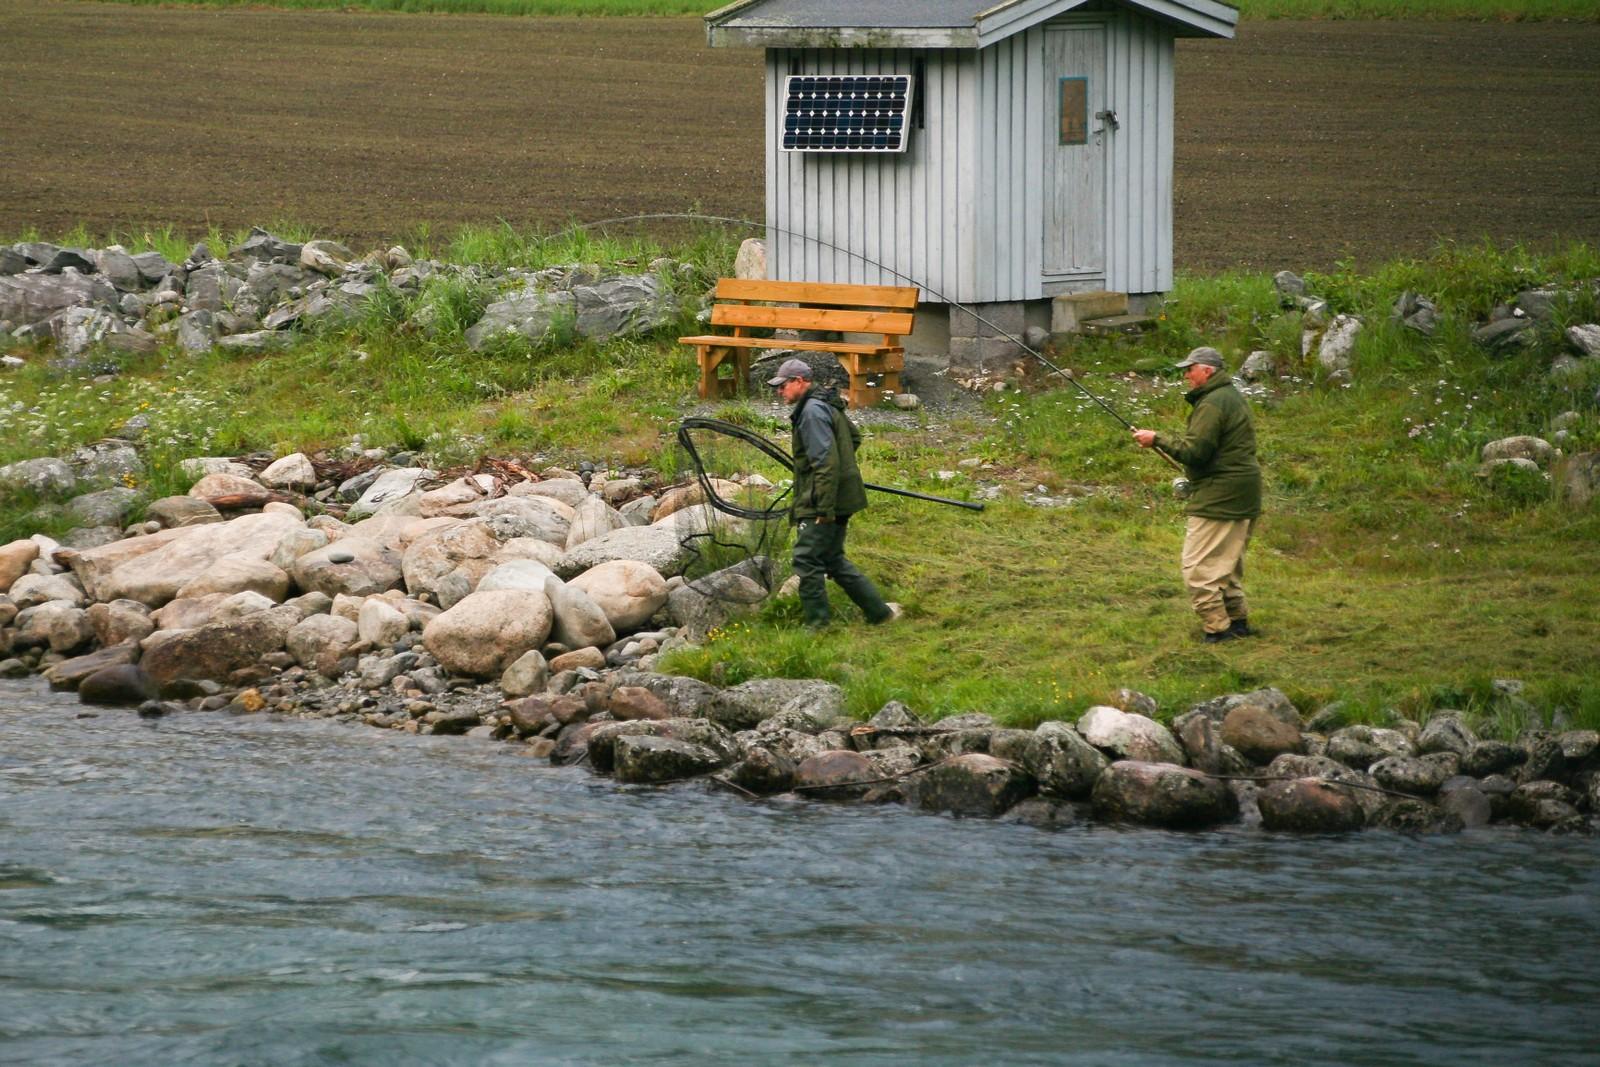 Kleppar Torkjell Grimelid reagerar kjapt og iler til elvebreidda med hoven som skal løfte opp den kongelege fangsten.